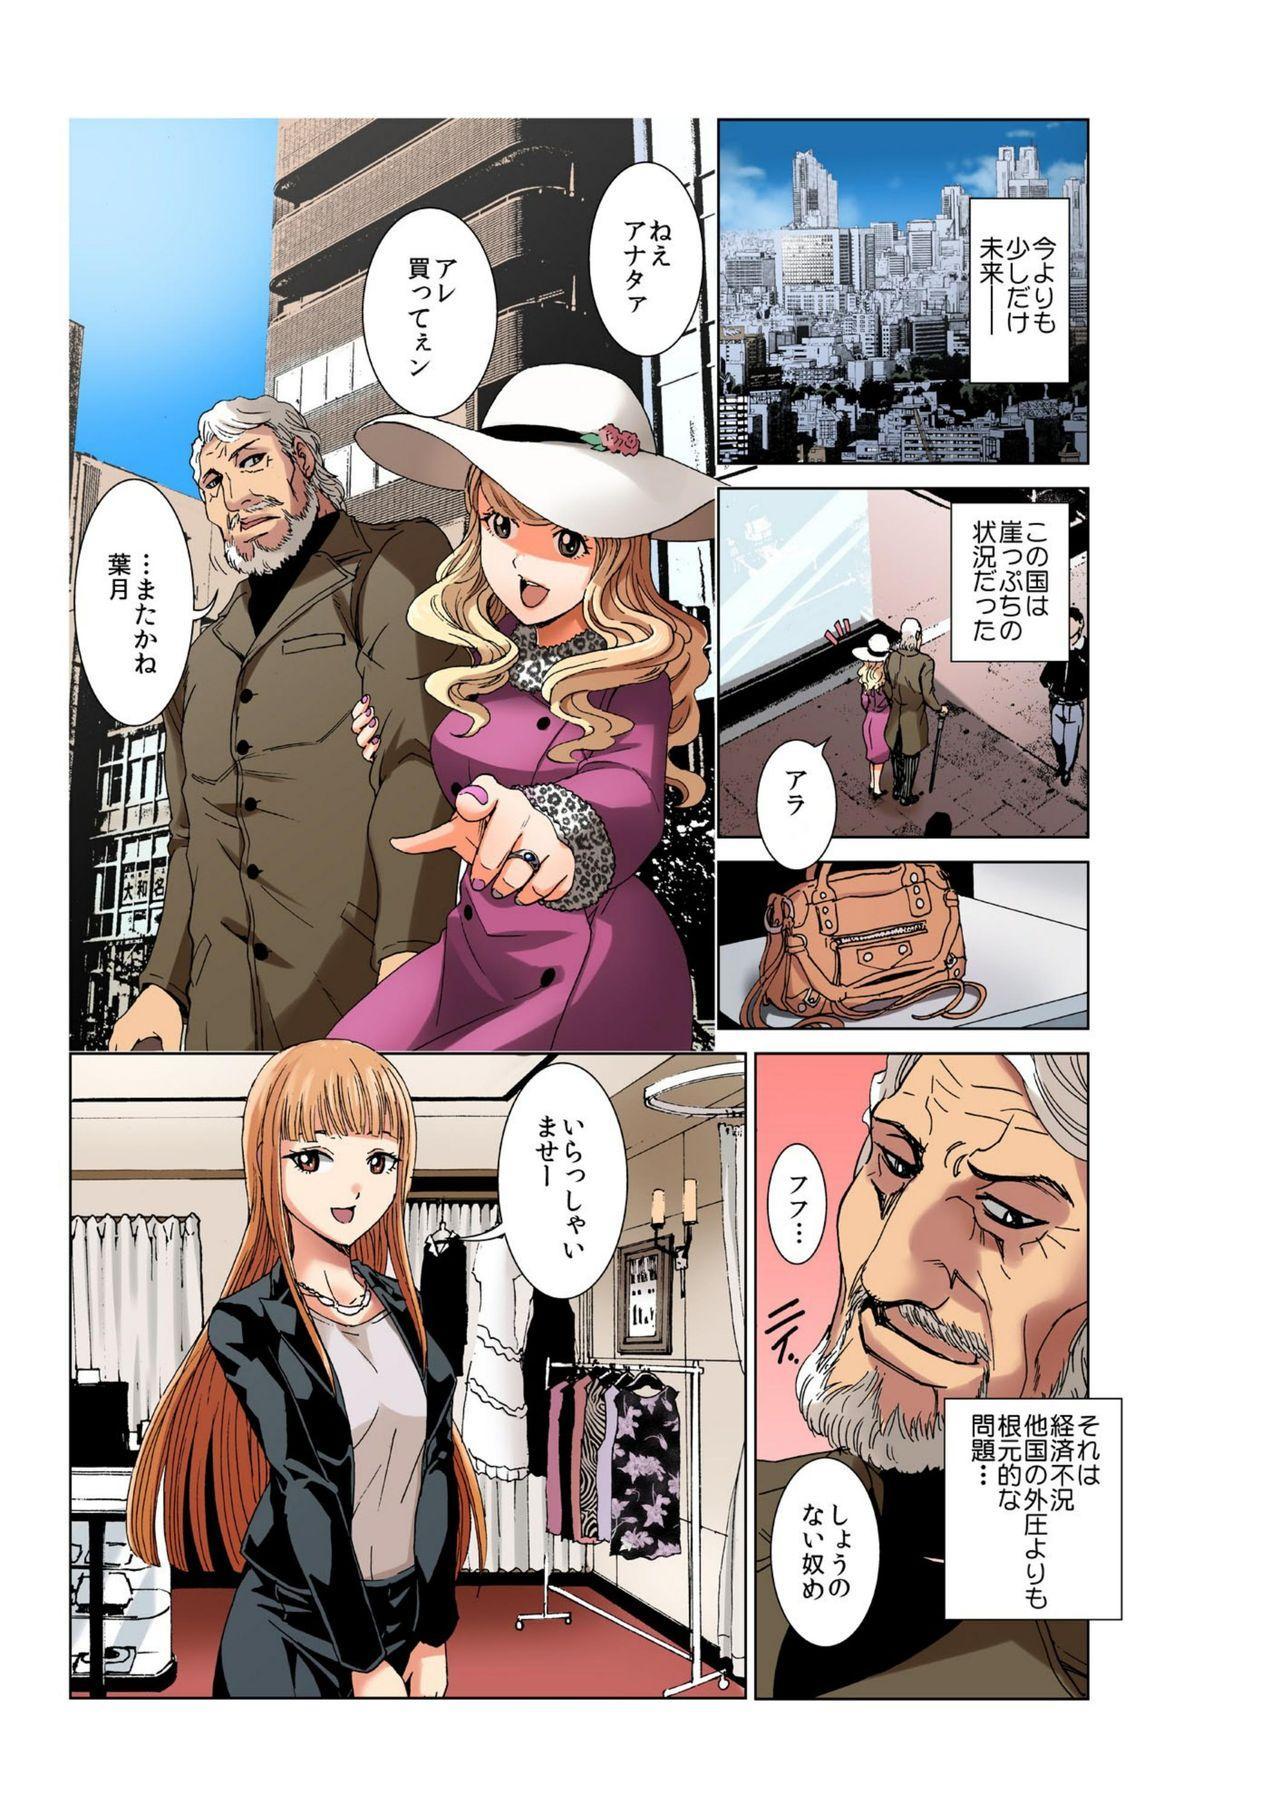 [Rurukichi] Seishi ga Kane ni Naru Jidai ~Mesubuta ga Muragaru Ore-sama no Kokan~ 1 1